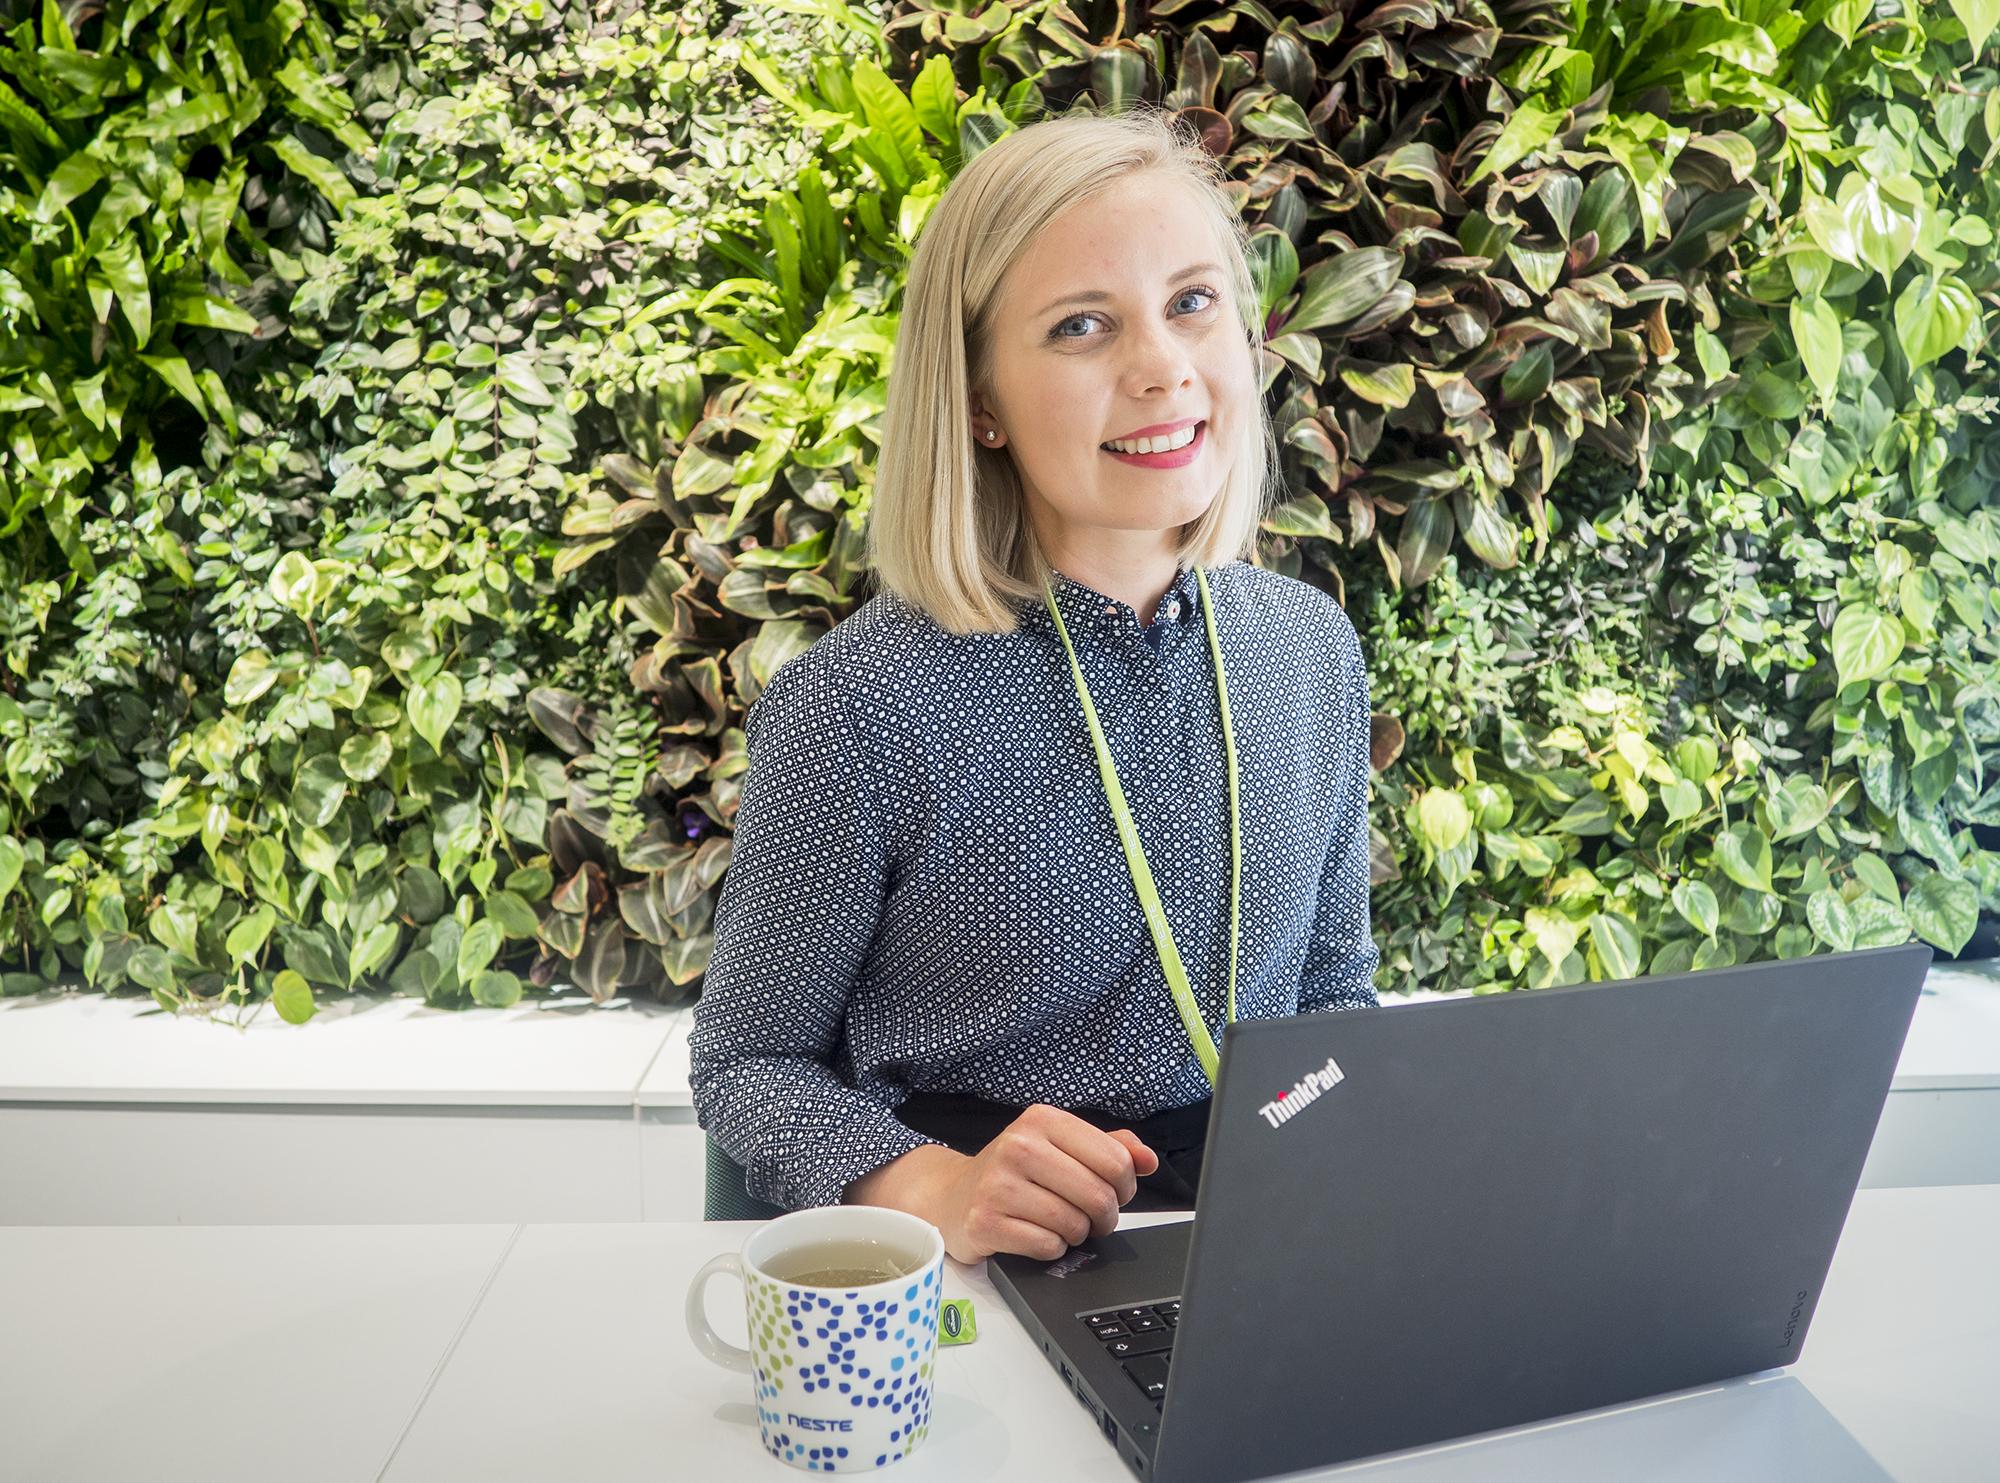 Neste tarjoaa kesätyöntekijöilleen vastuuta kansainvälisessä työympäristössä. Kuva: Sonja Taipale